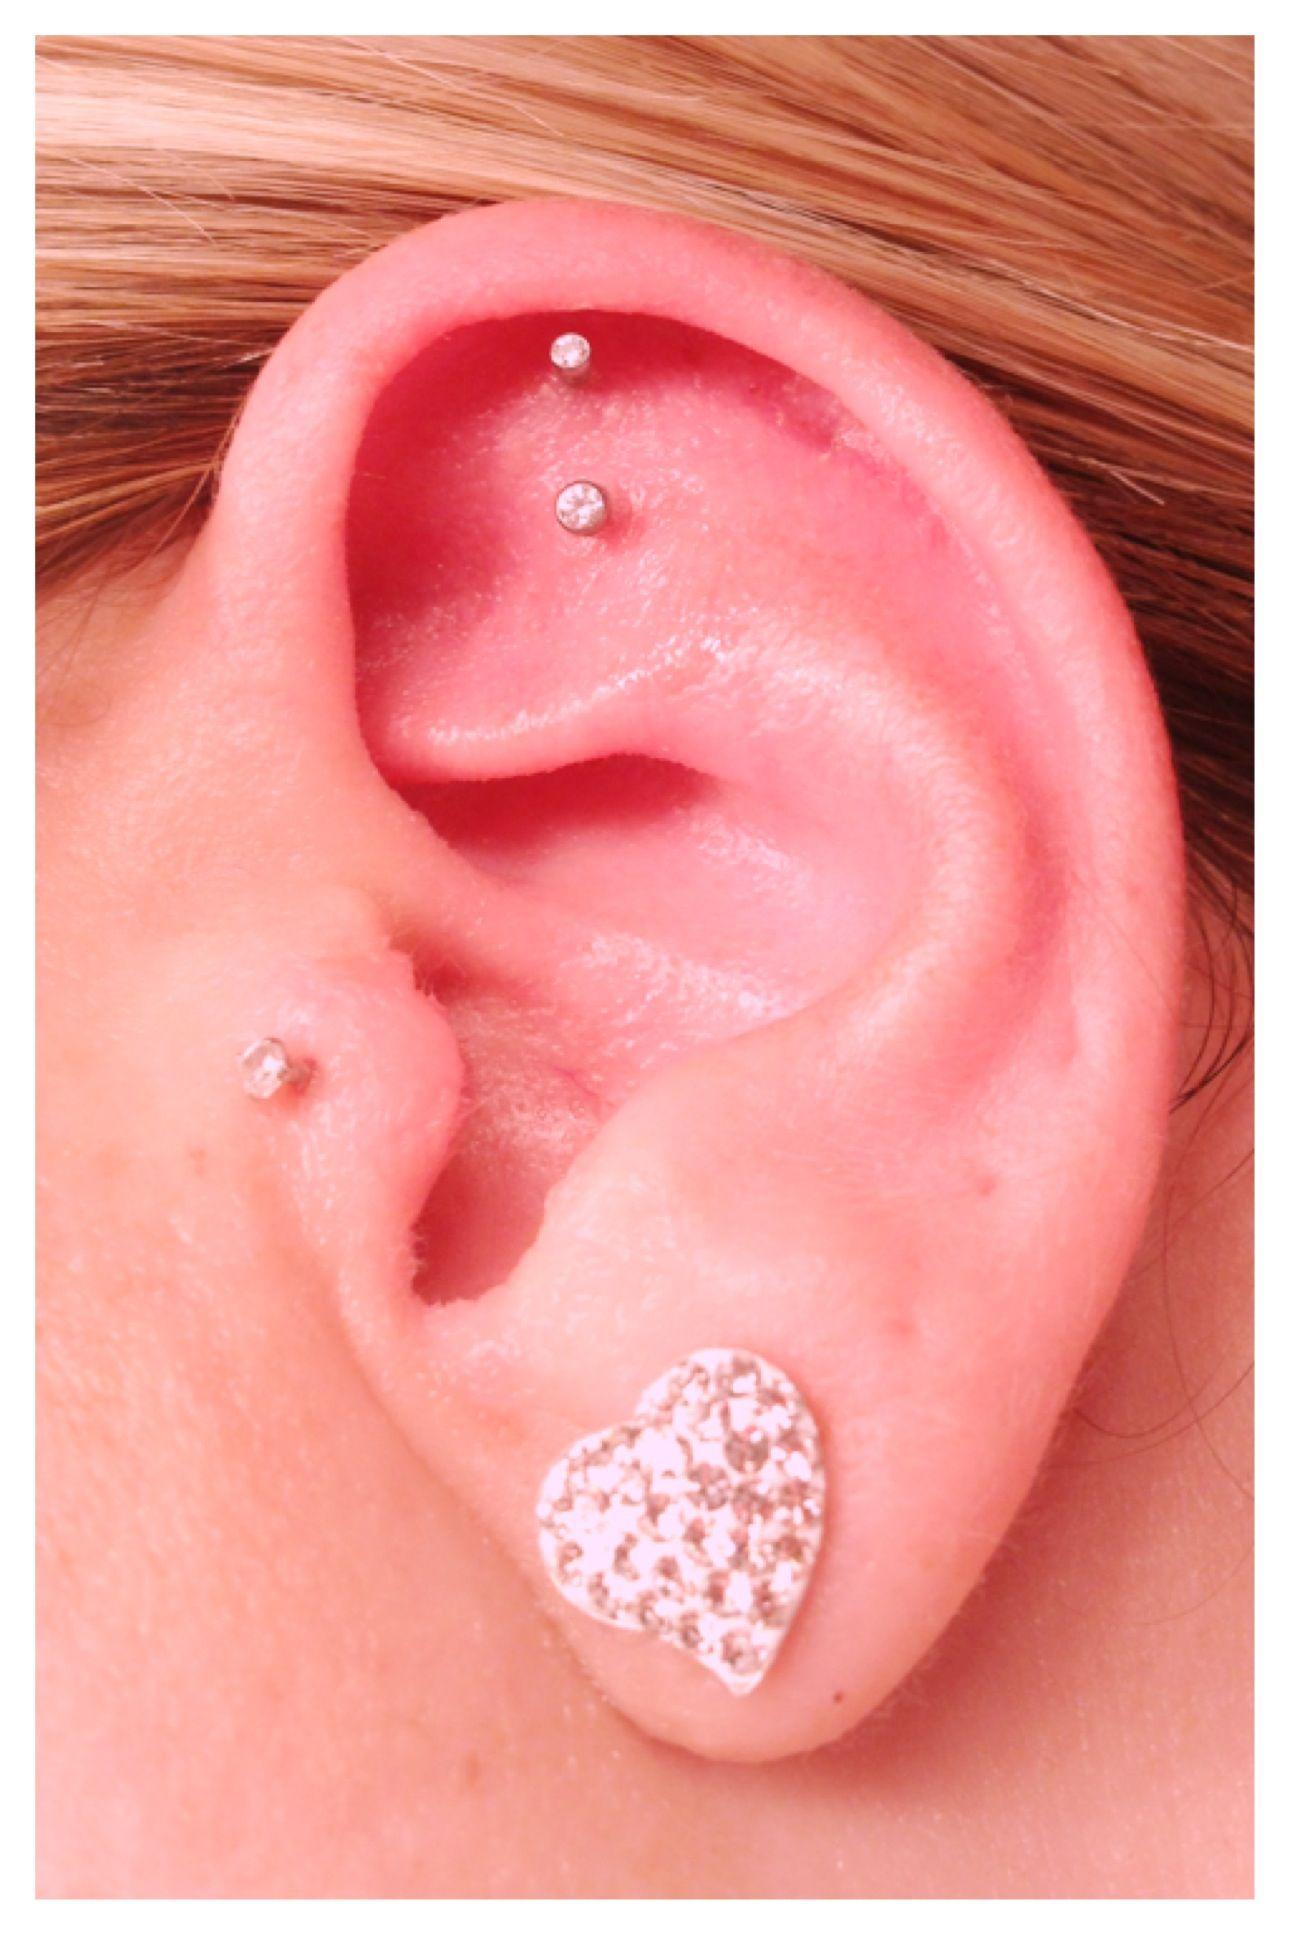 New piercing ideas  Love my new piercings  Piercings  Pinterest  Piercings and Piercing